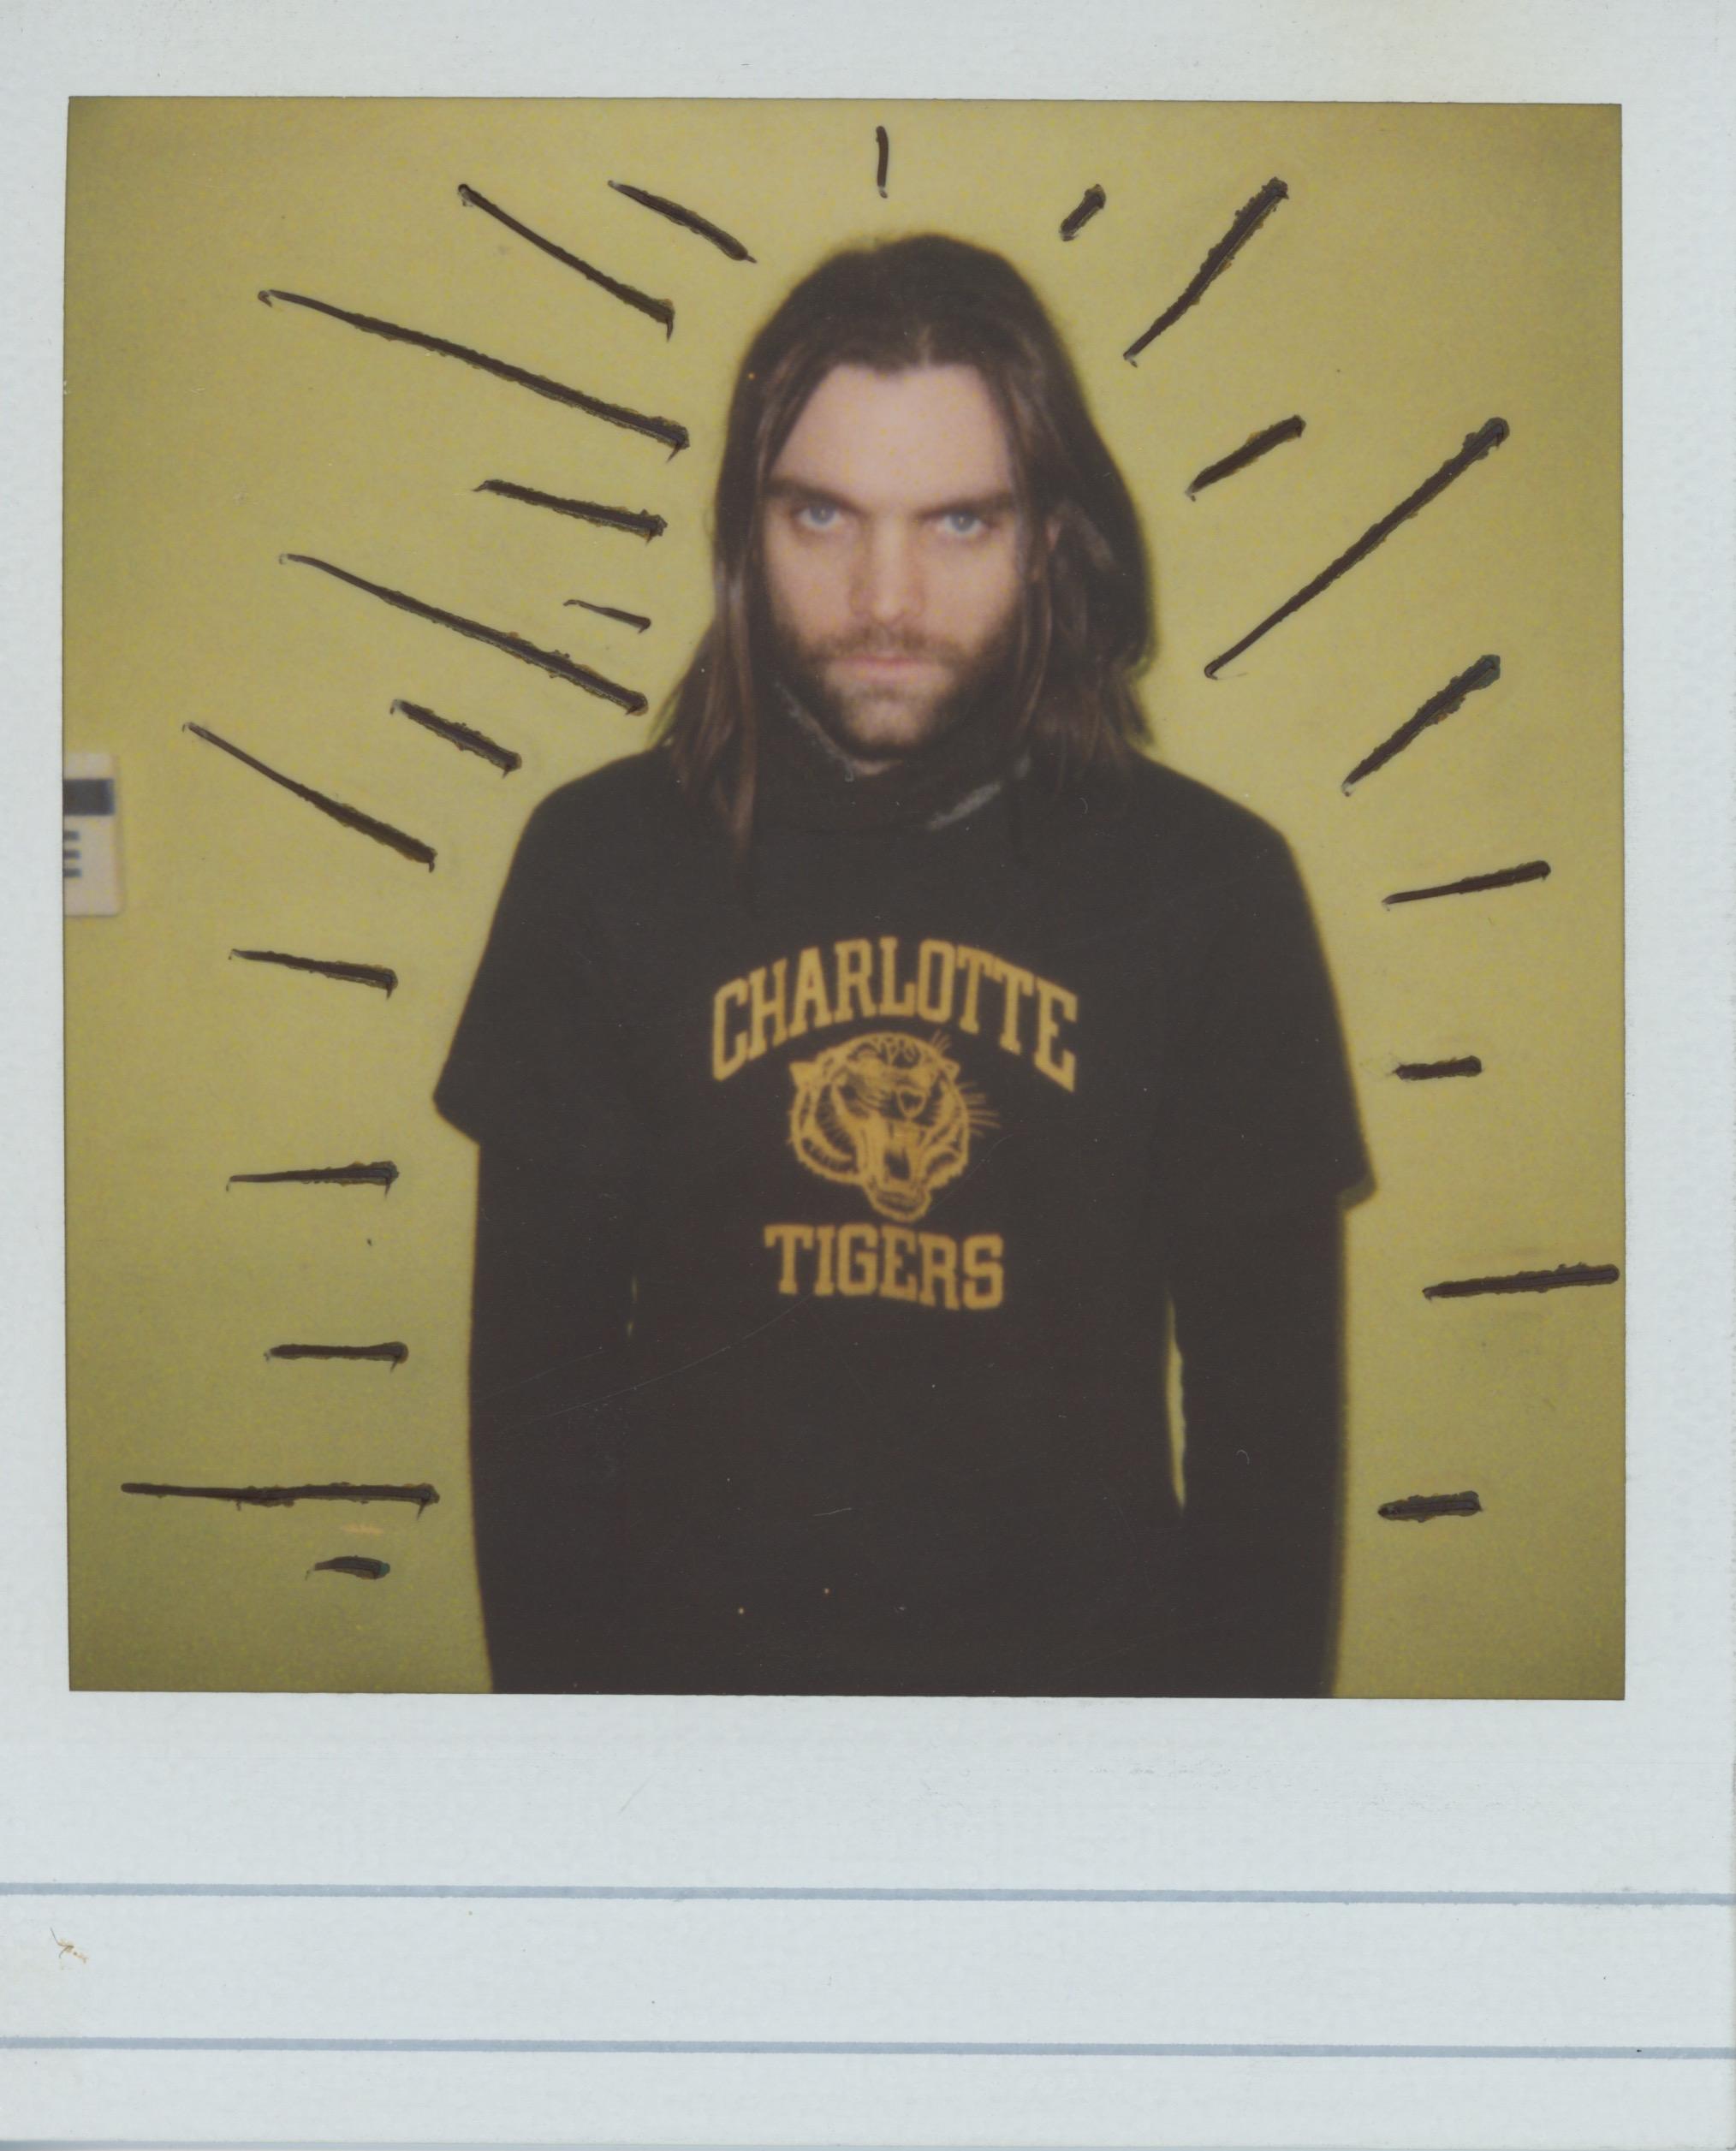 Chris Traynor